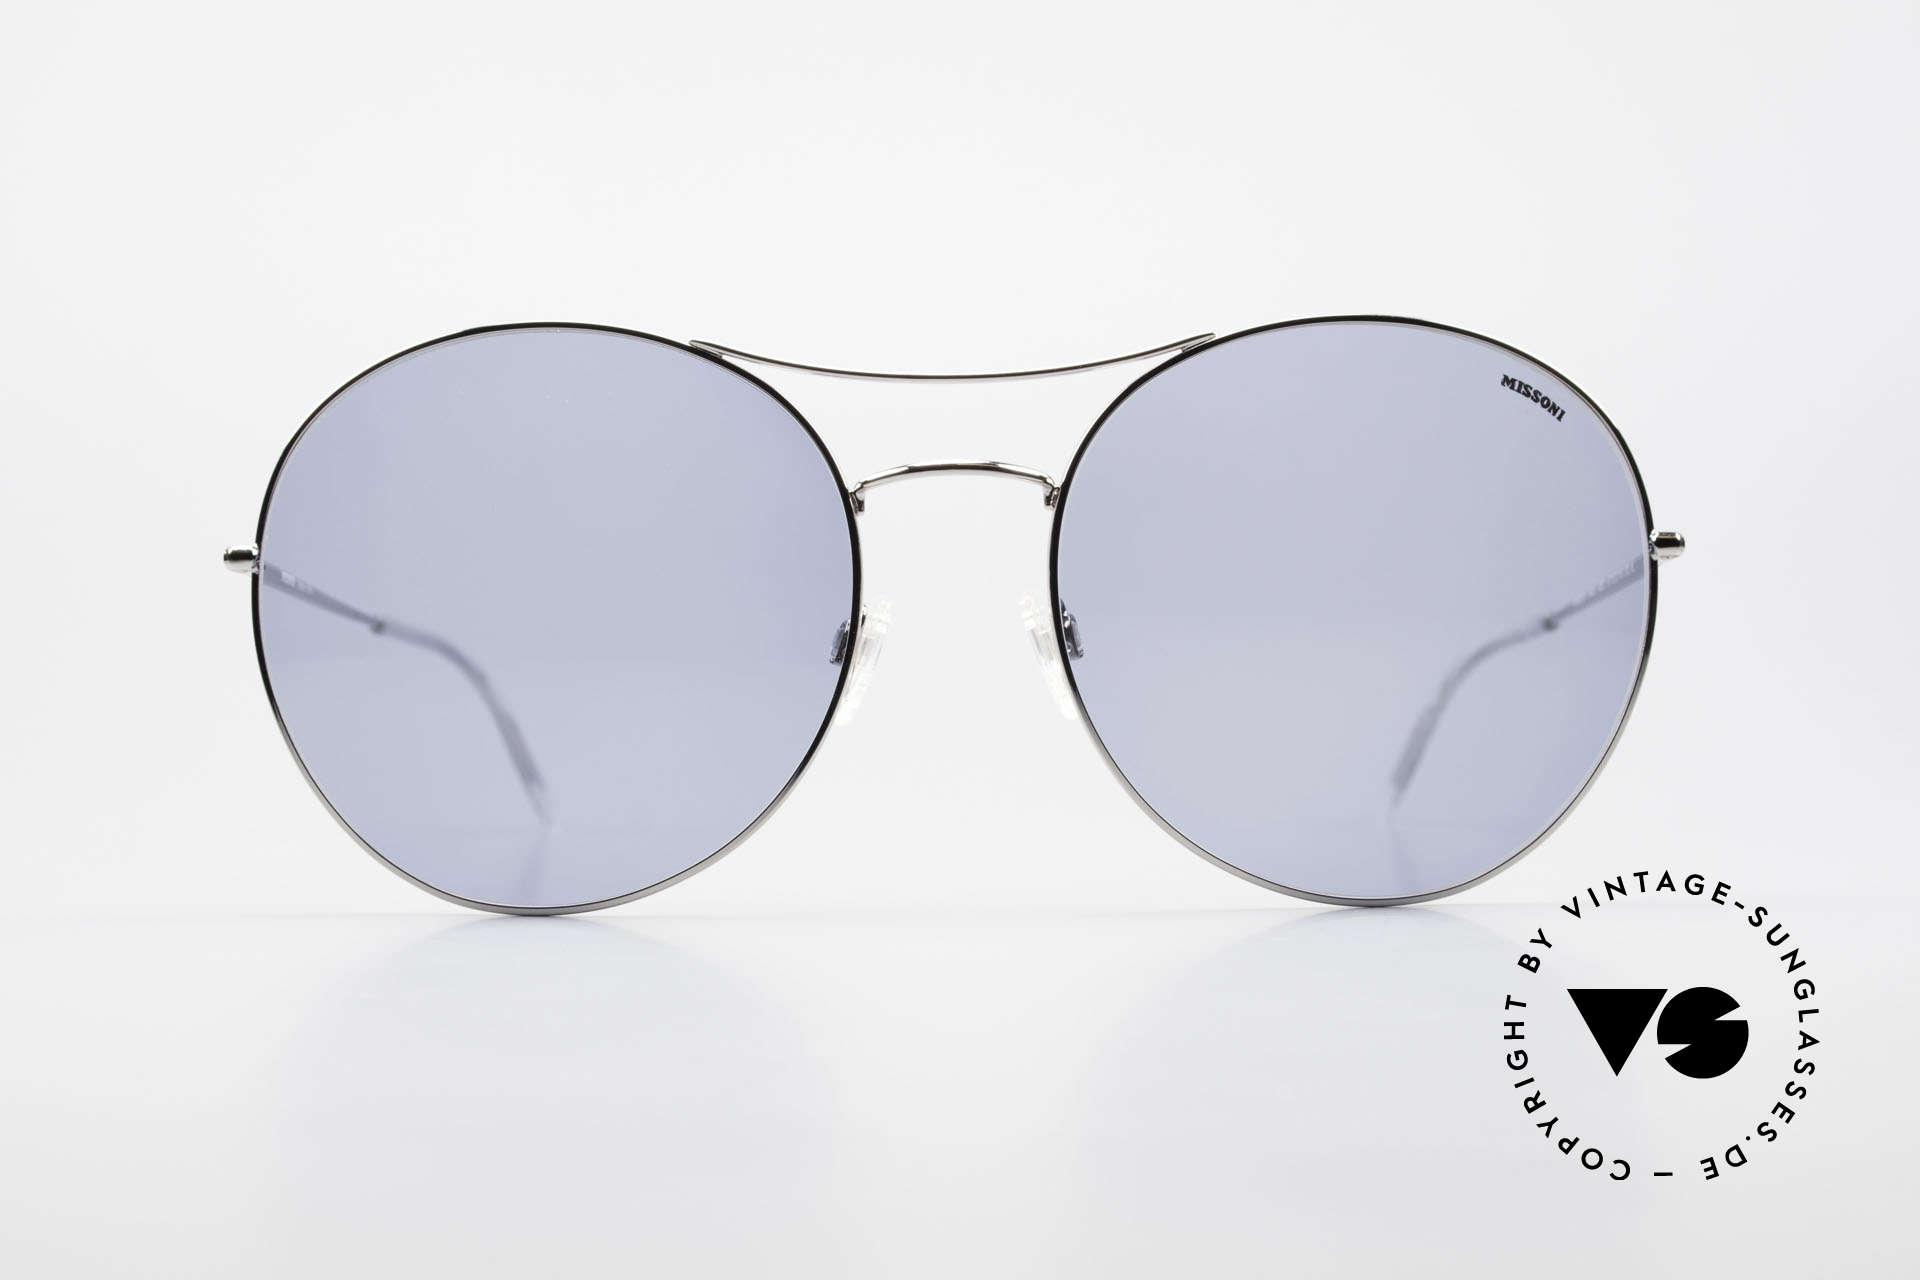 Missoni 0440 90er XXL Aviator Sonnenbrille, oversized Aviator-Stil, Sonnenbrille mit 64mm Höhe!, Passend für Herren und Damen